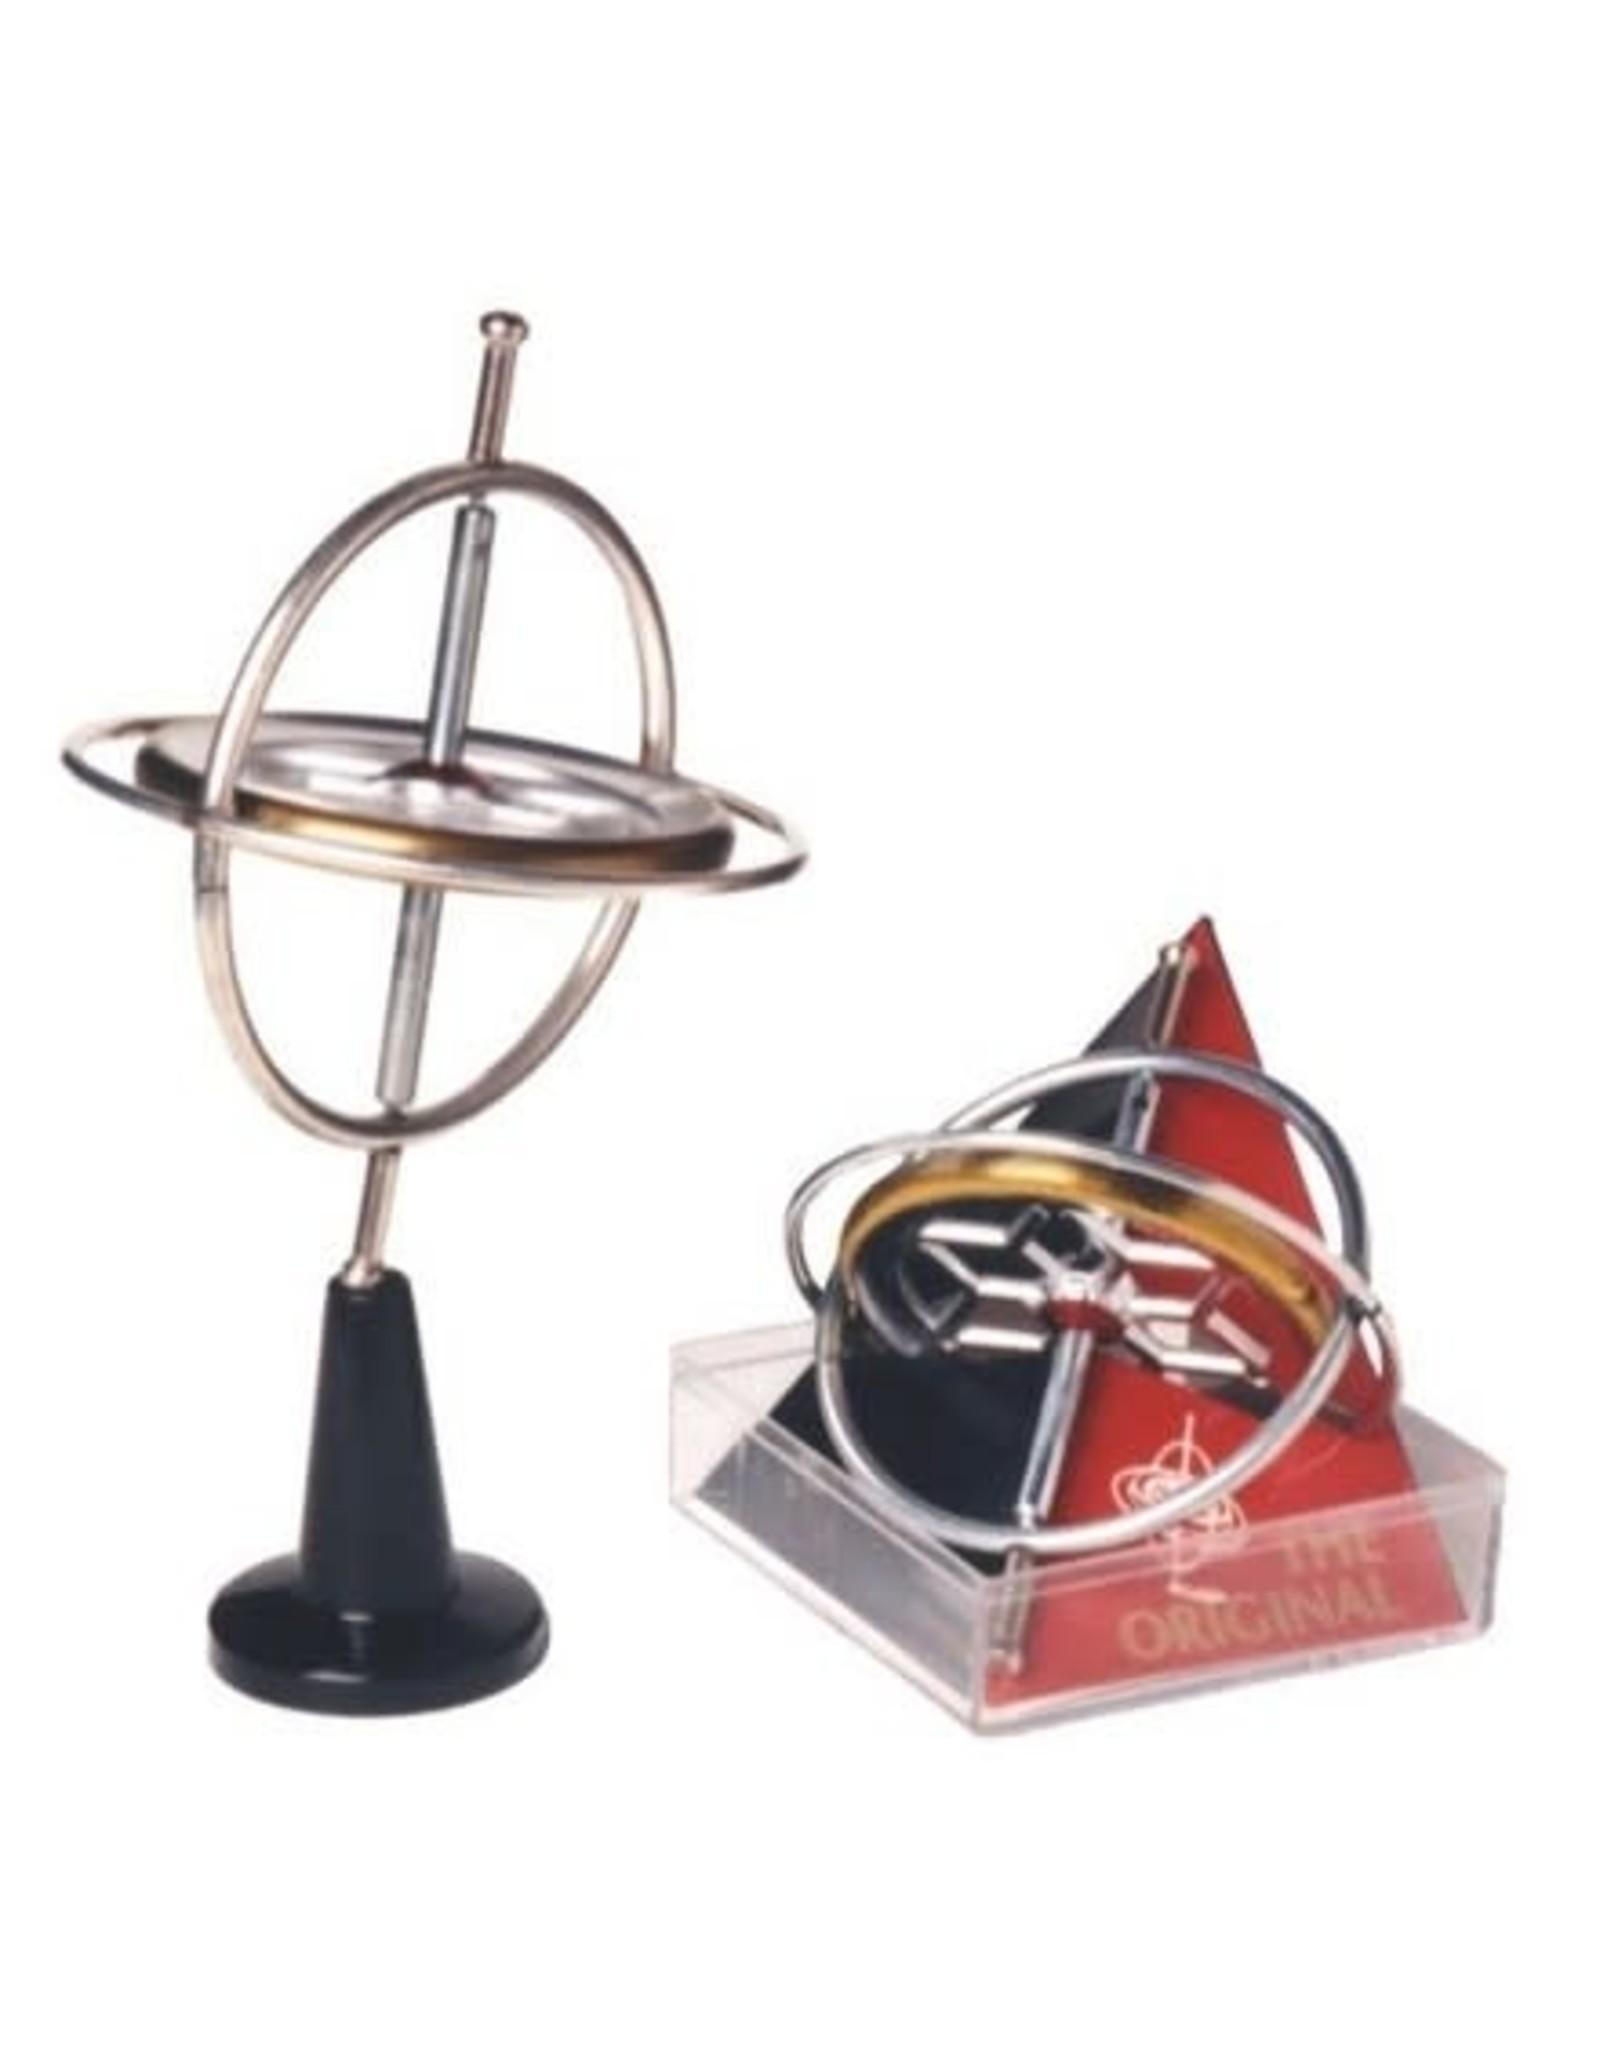 Original Tedco Gyroscope